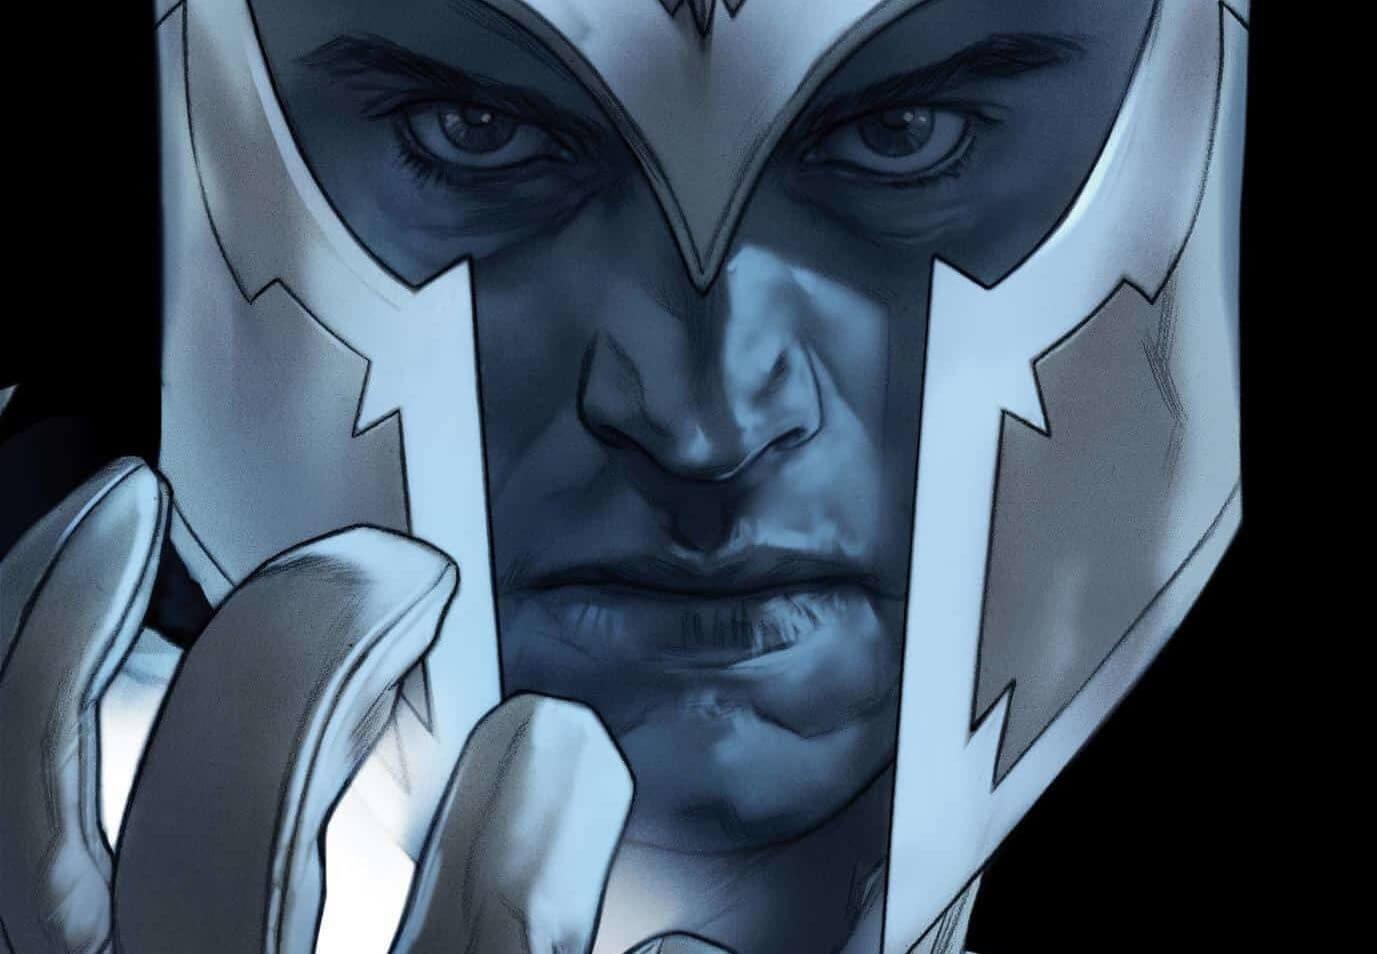 X-Men, Giant-Size, Magneto